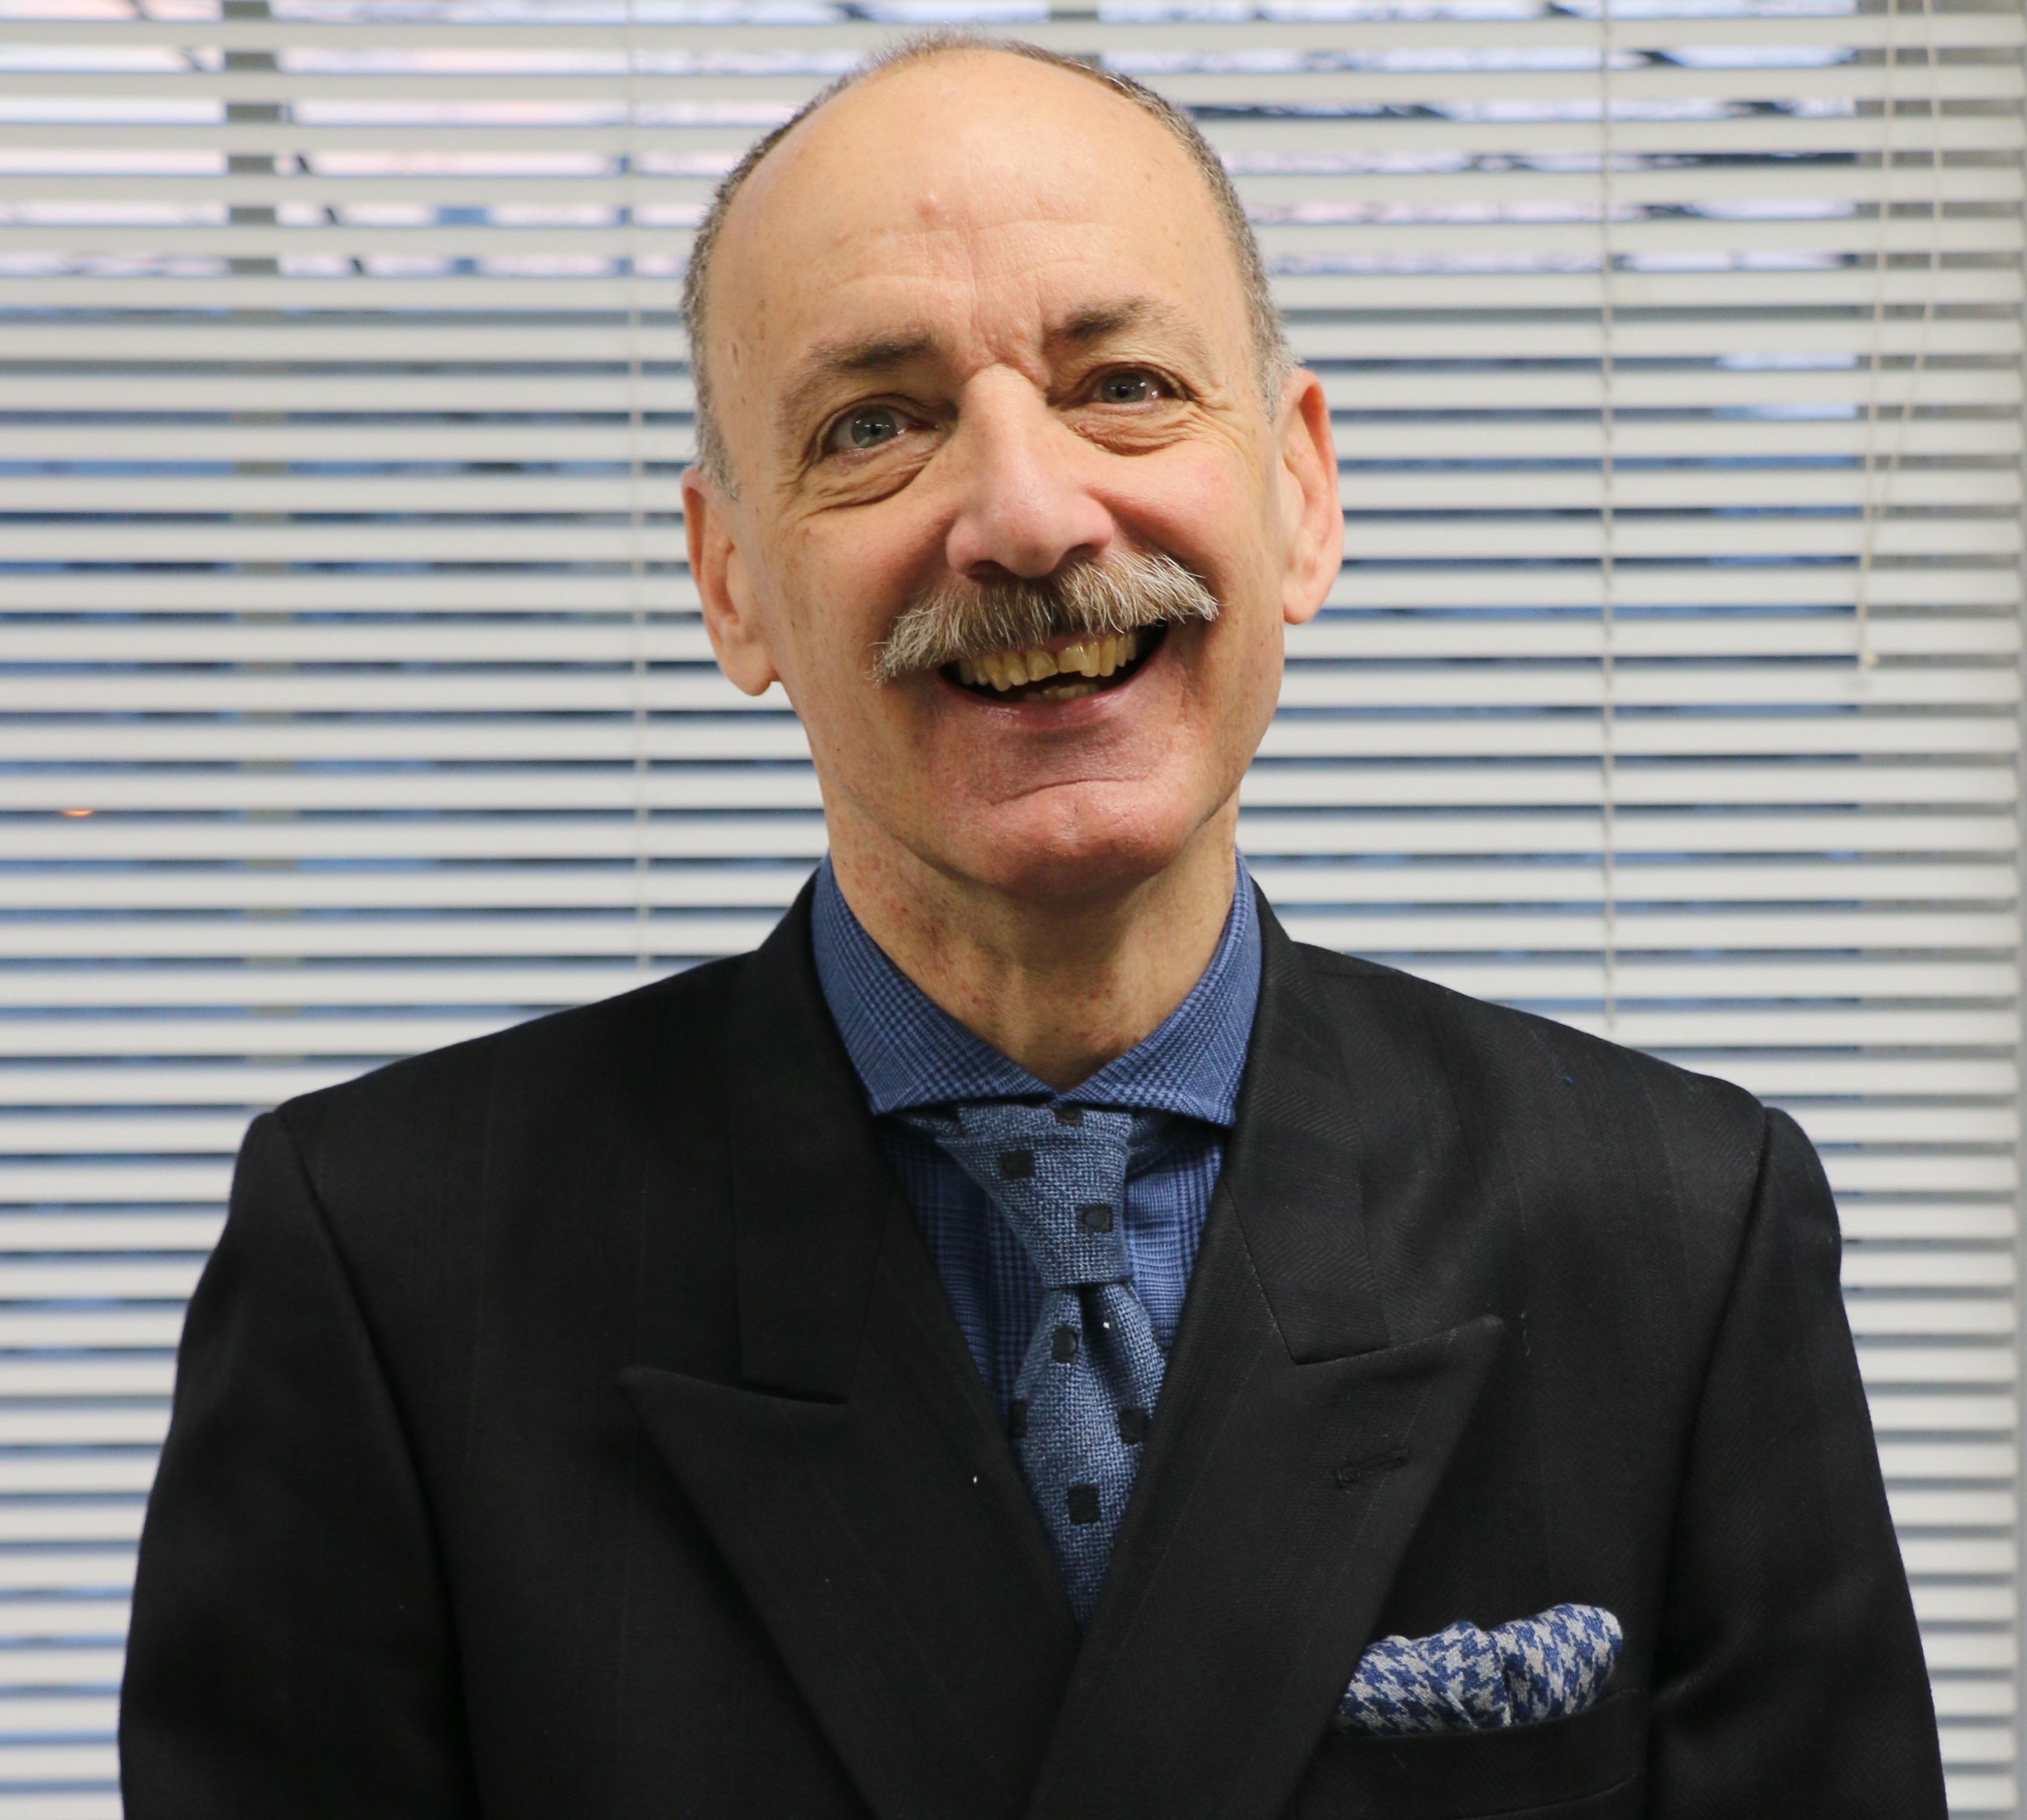 Dr. Steven Scrivani